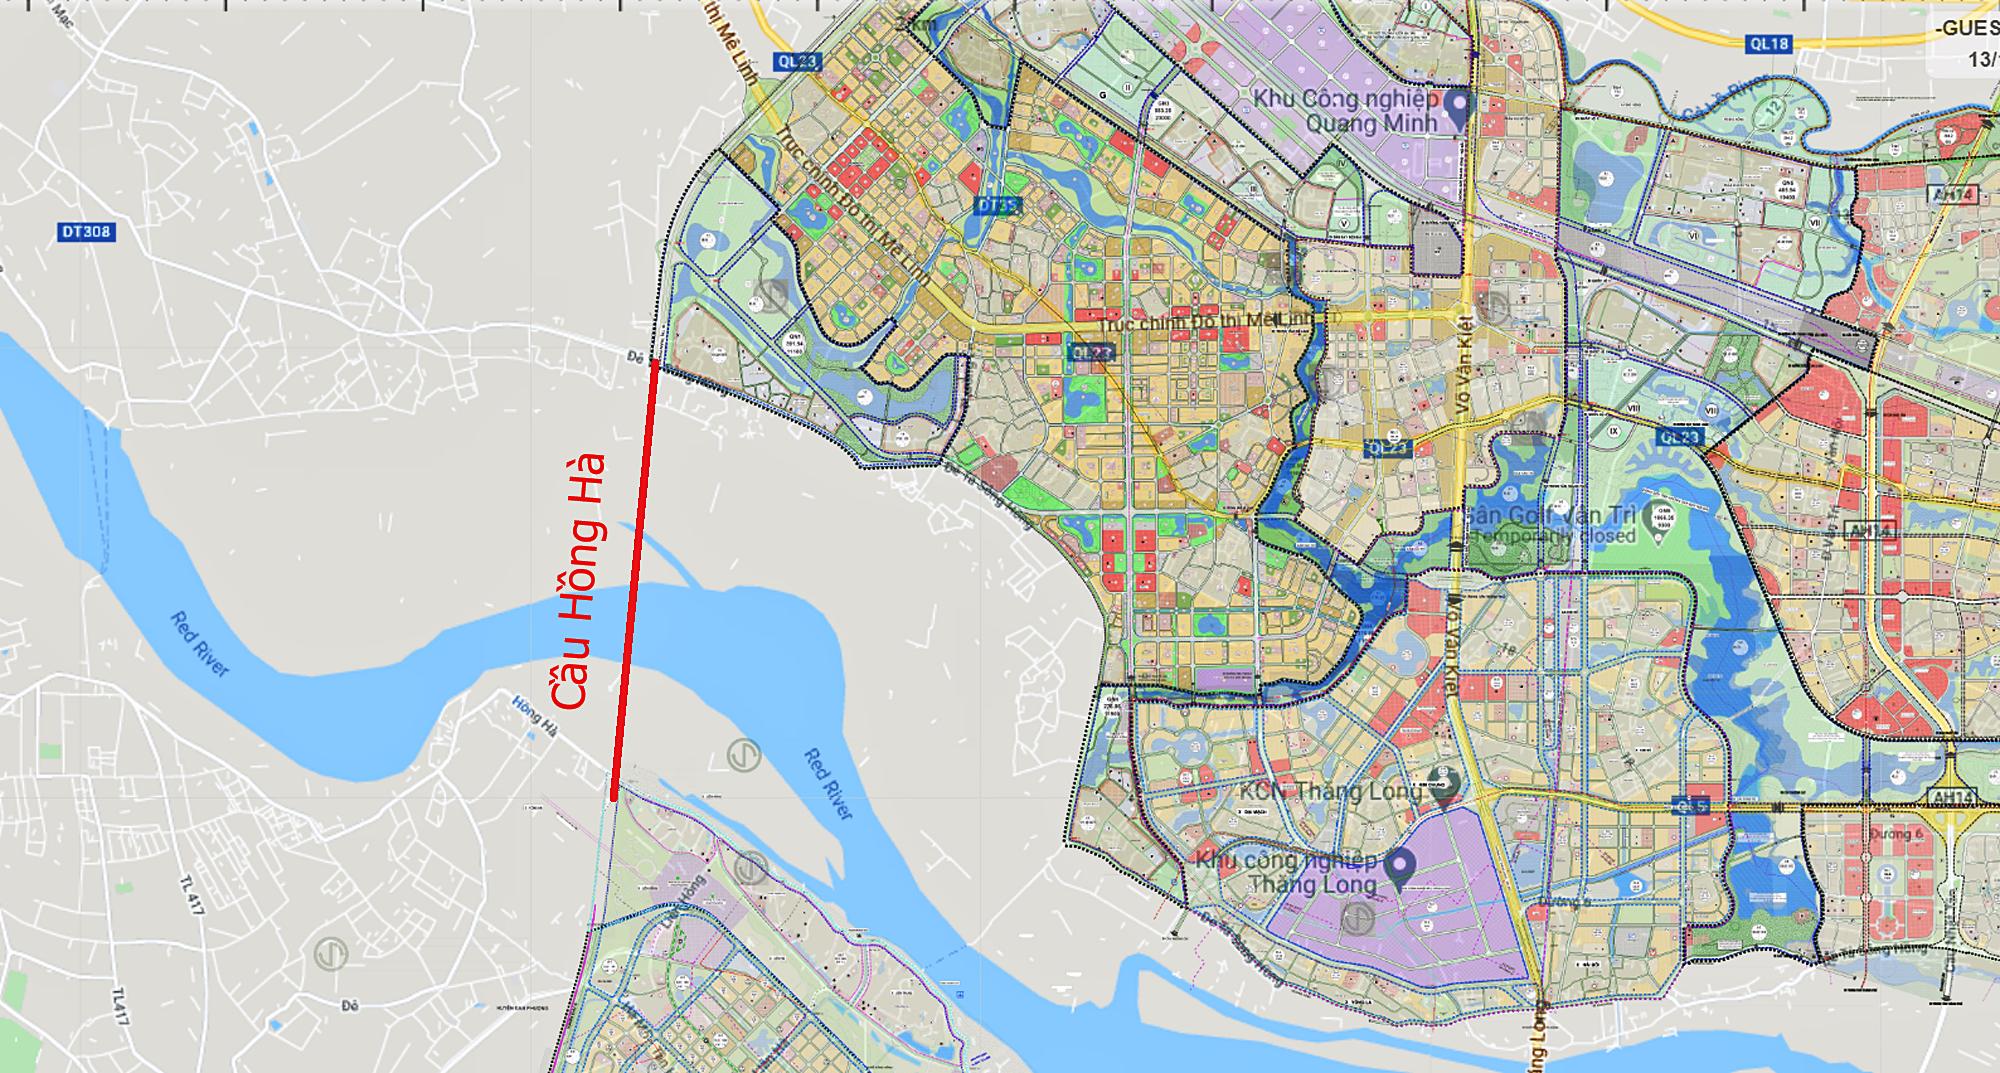 Cầu sẽ mở theo qui hoạch ở Hà Nội: Toàn cảnh vị trí làm cầu Hồng Hà nối Đan Phượng với Mê Linh - Ảnh 1.